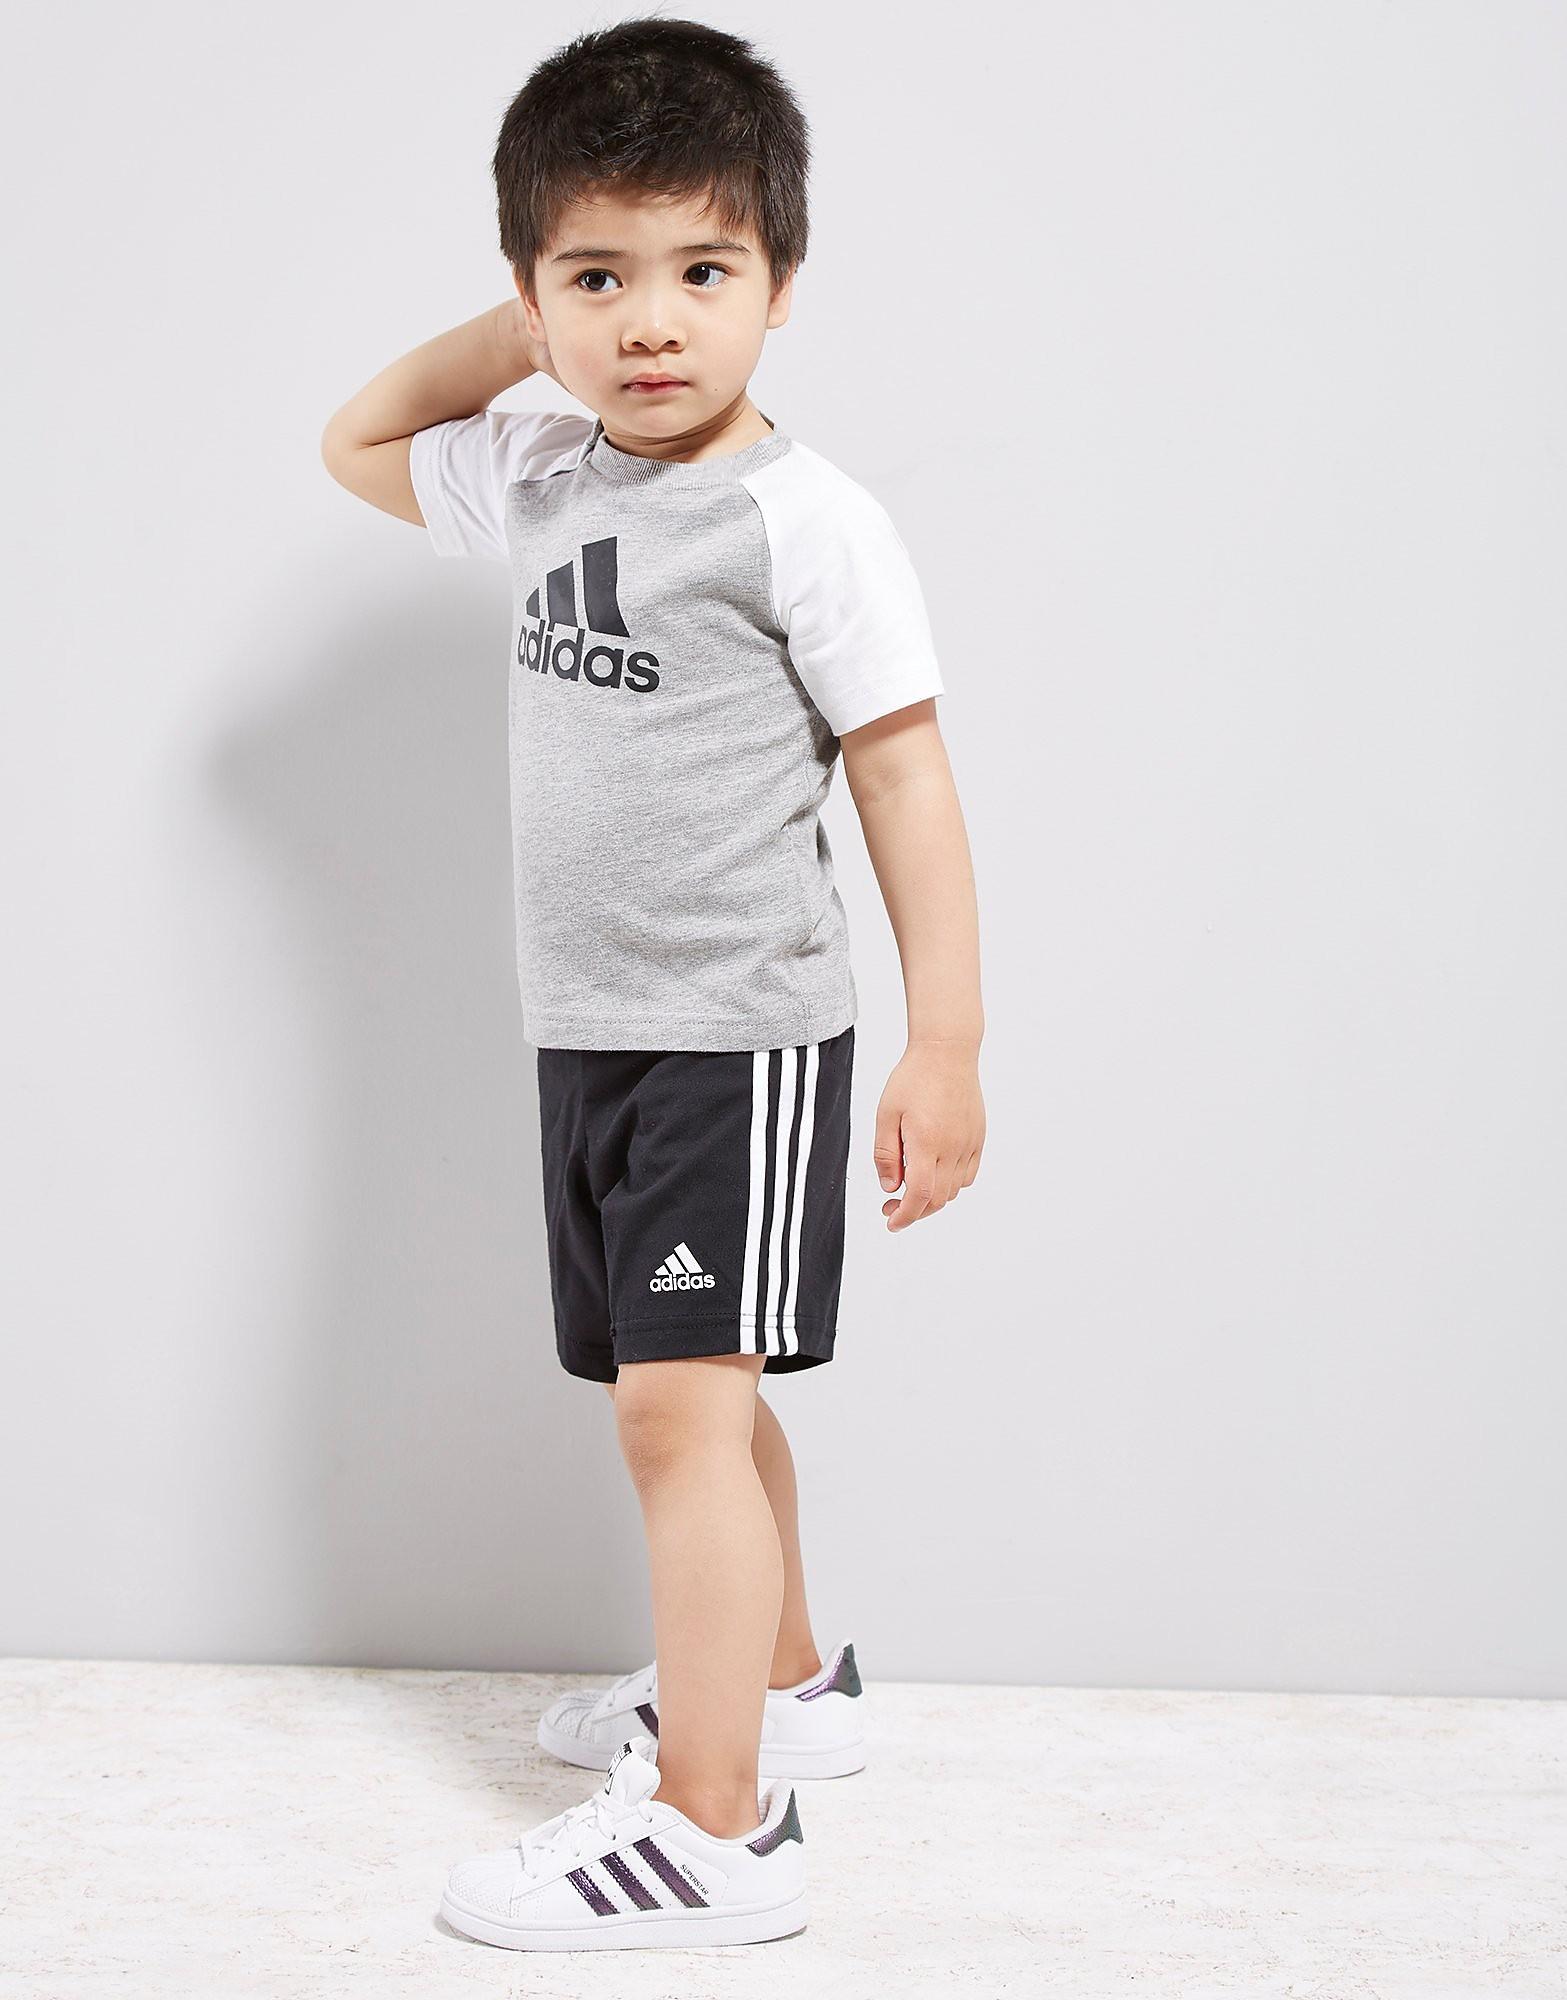 adidas Sum T-Shirt/Shorts Set Infant